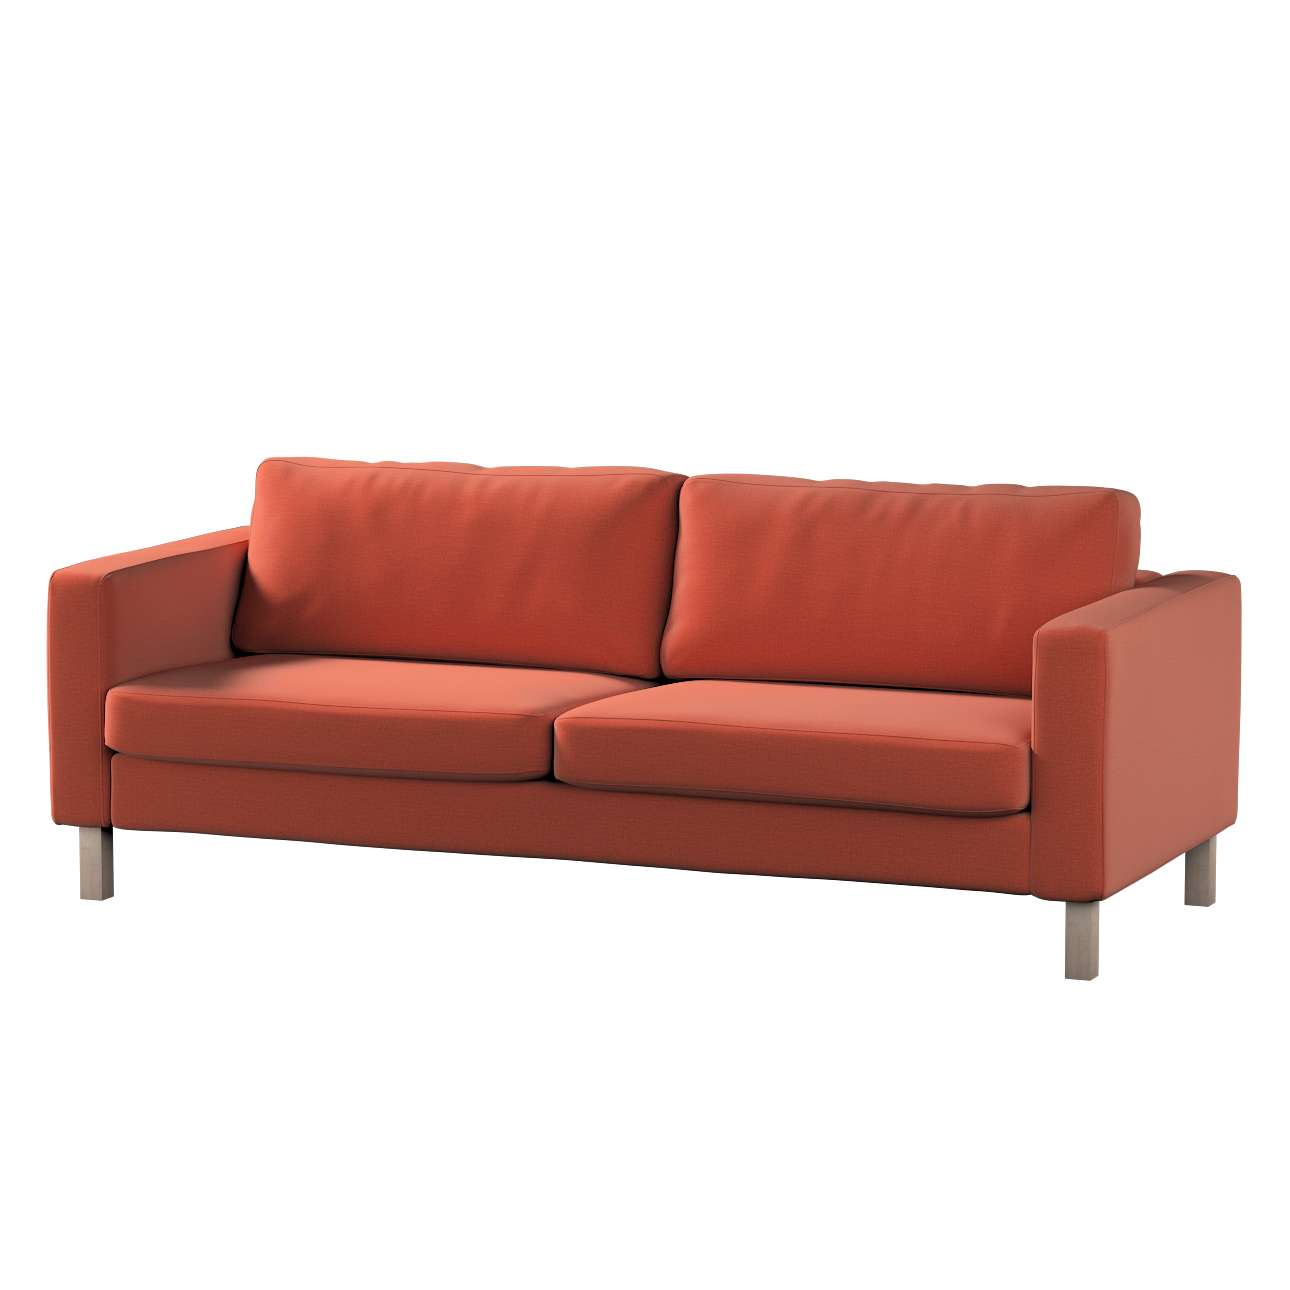 Pokrowiec na sofę Karlstad 3-osobową nierozkładaną, krótki w kolekcji Ingrid, tkanina: 705-37